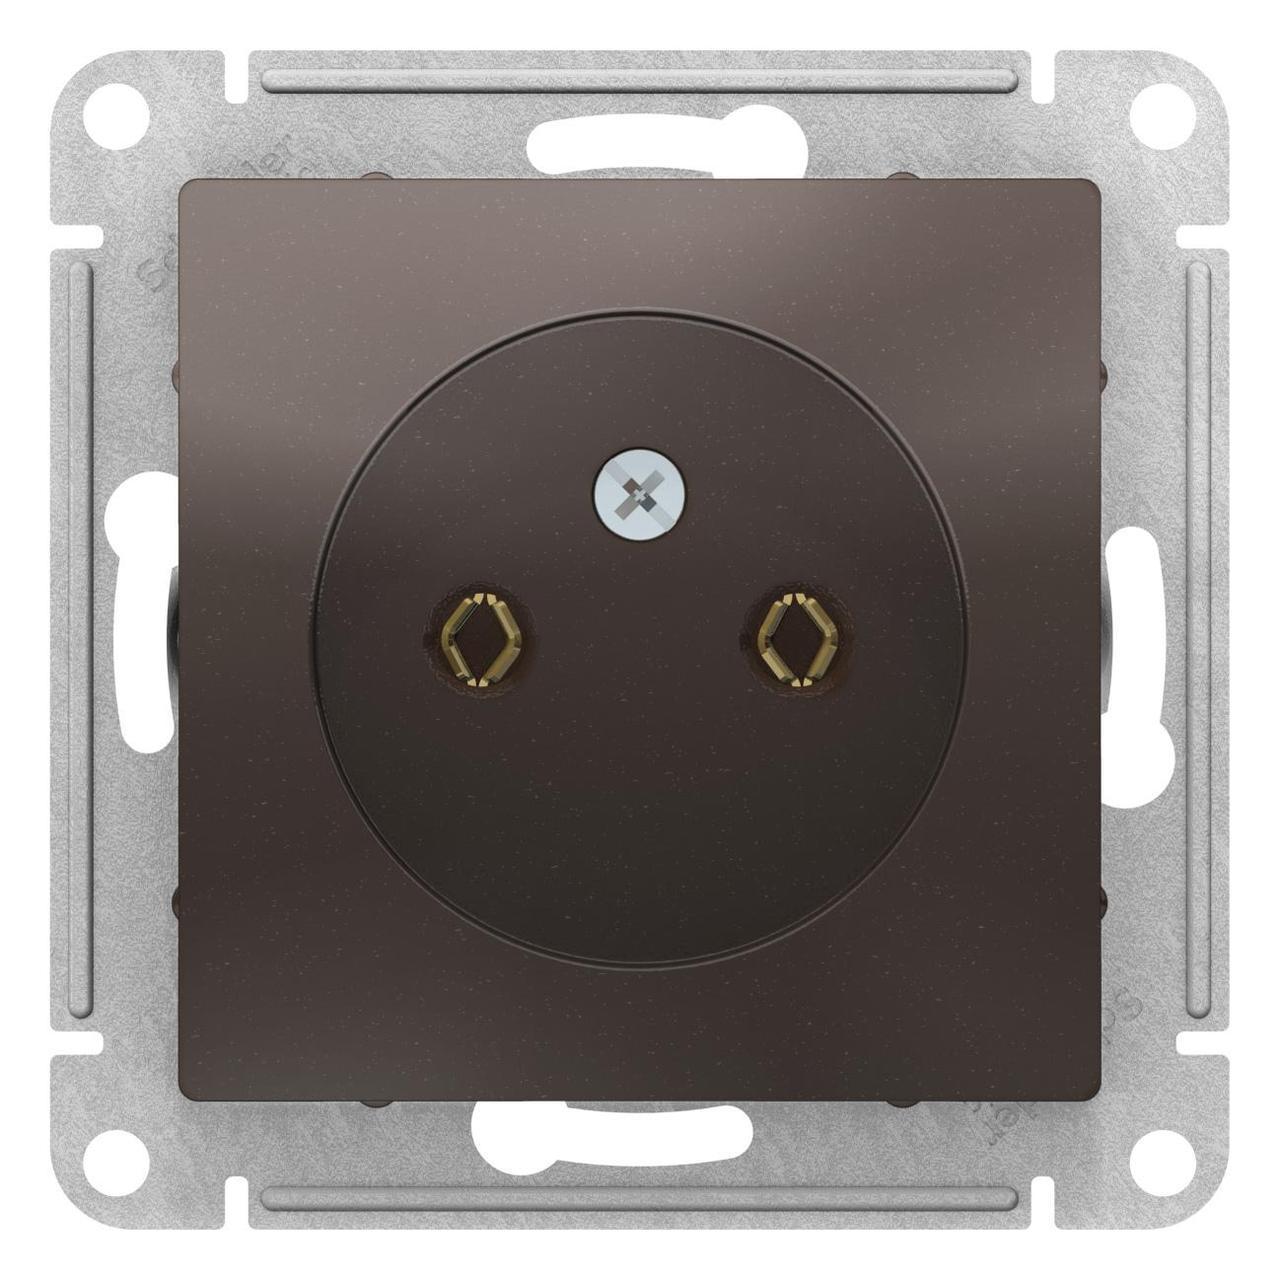 Розетка 1-ая электрическая без заземления , Мокко, серия Atlas Design, Schneider Electric